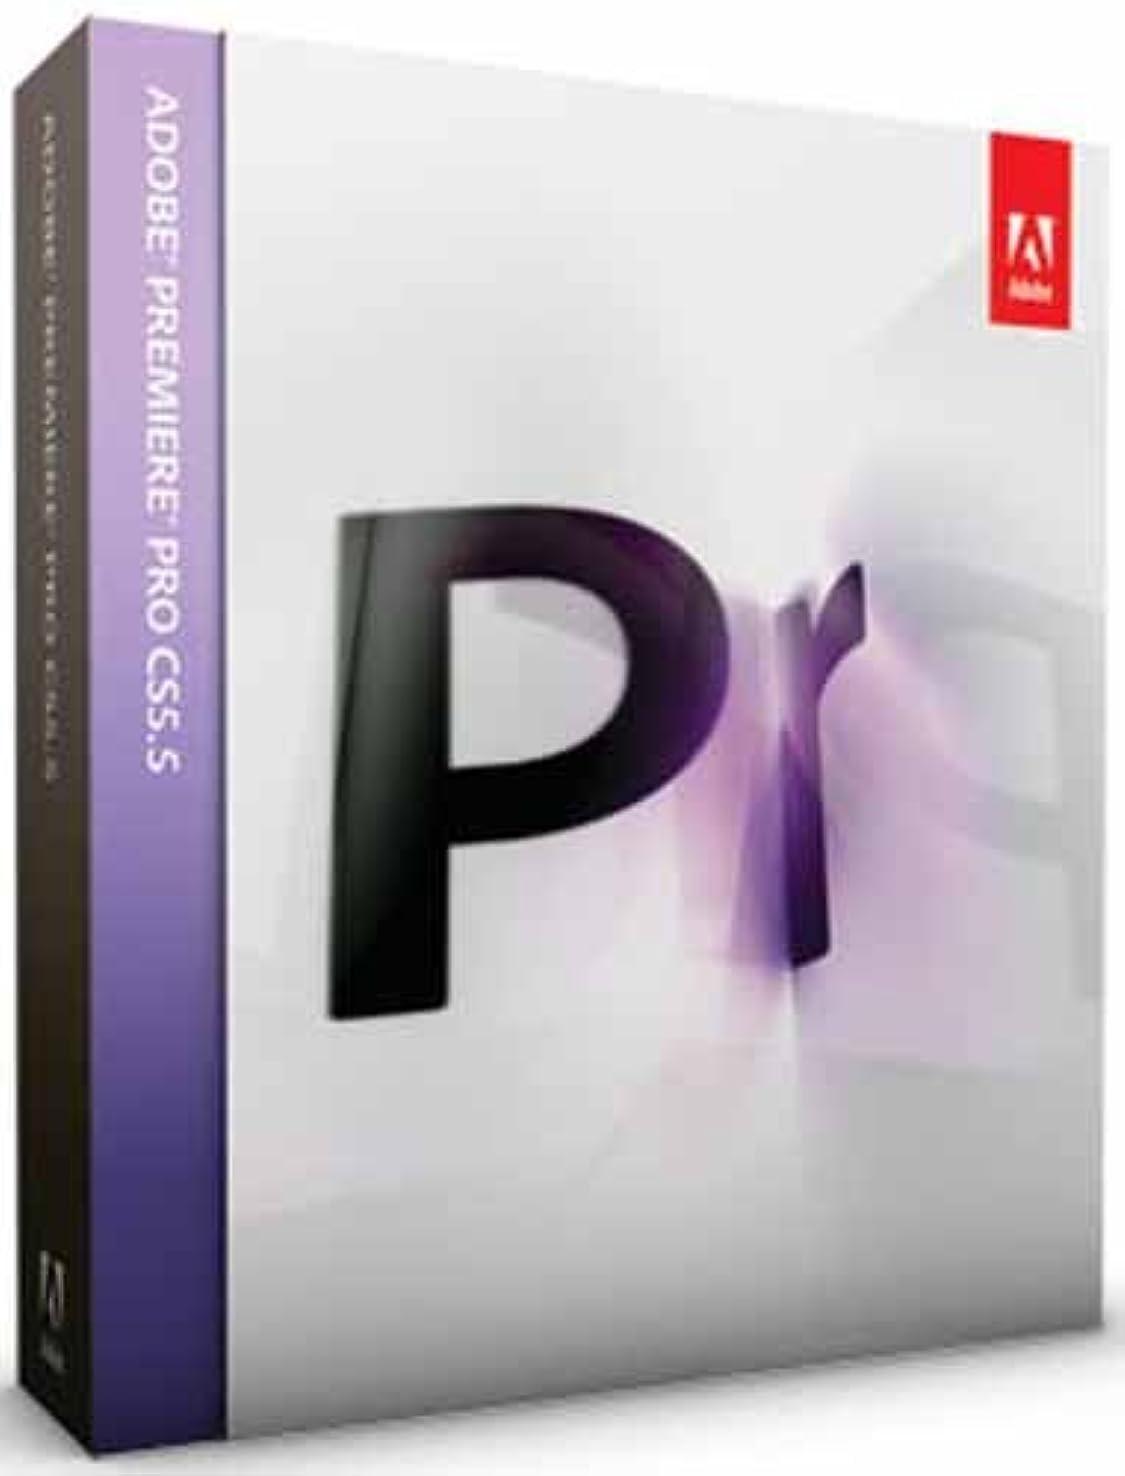 クスコ肉の鋼Adobe Premiere Pro CS5.5 Macintosh版 (旧製品)